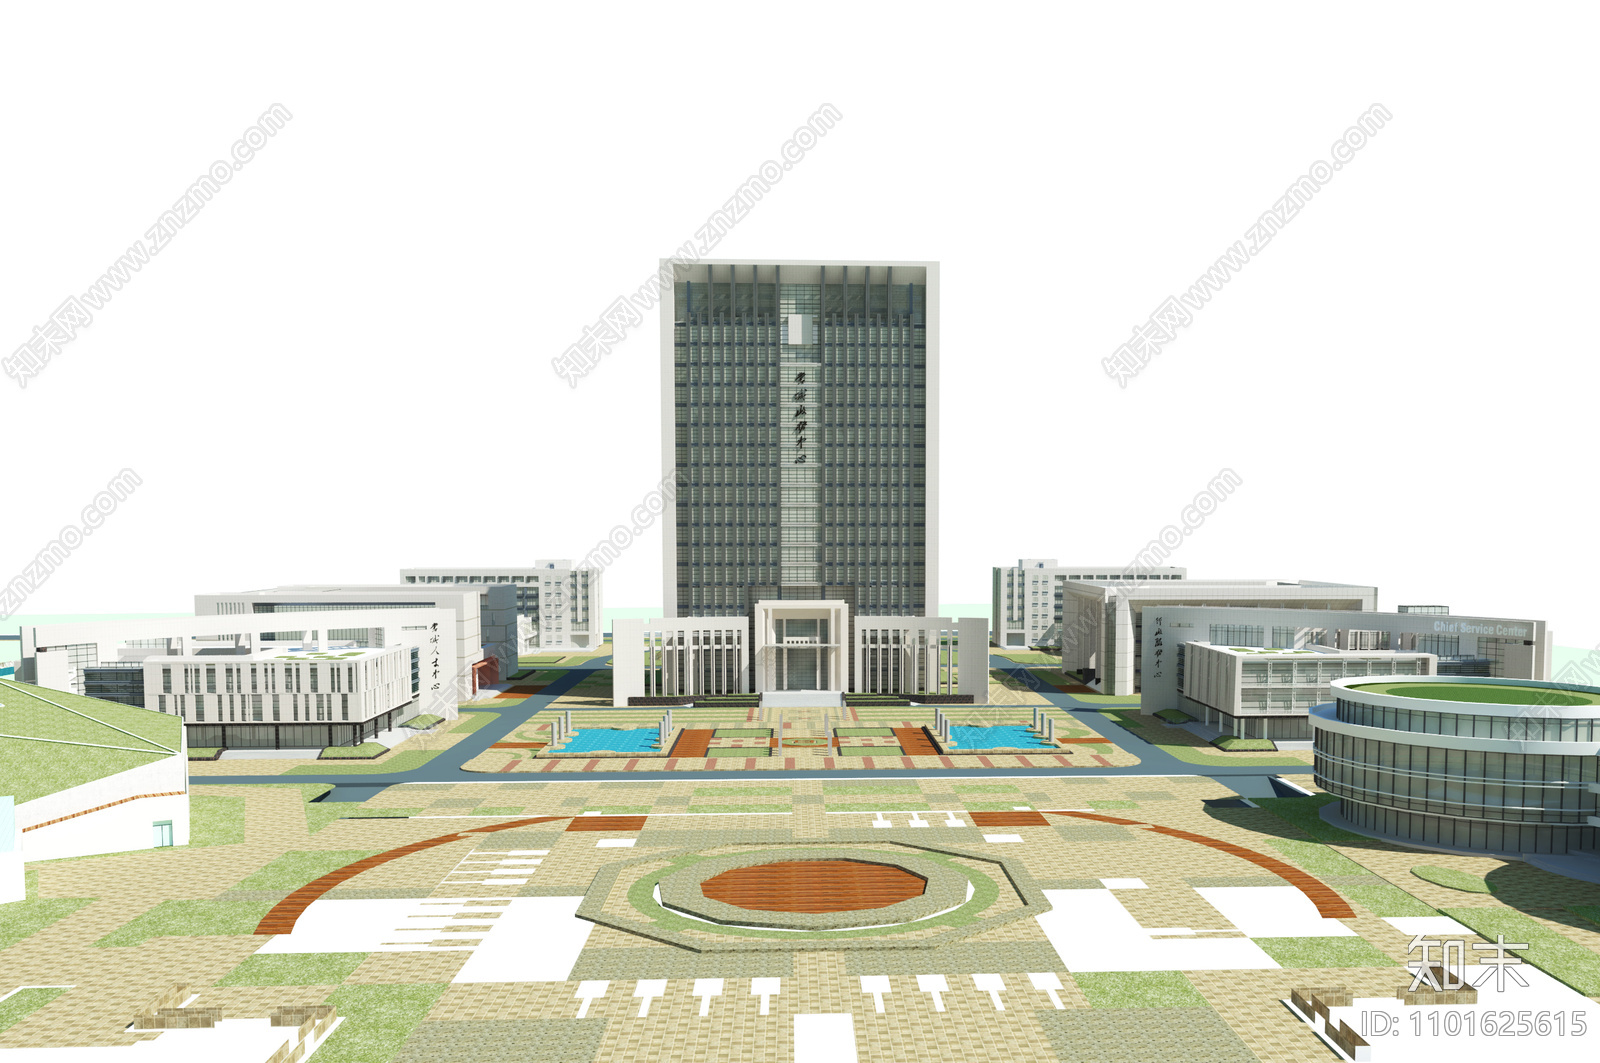 现代办公大楼SU模型下载【ID:1101625615】